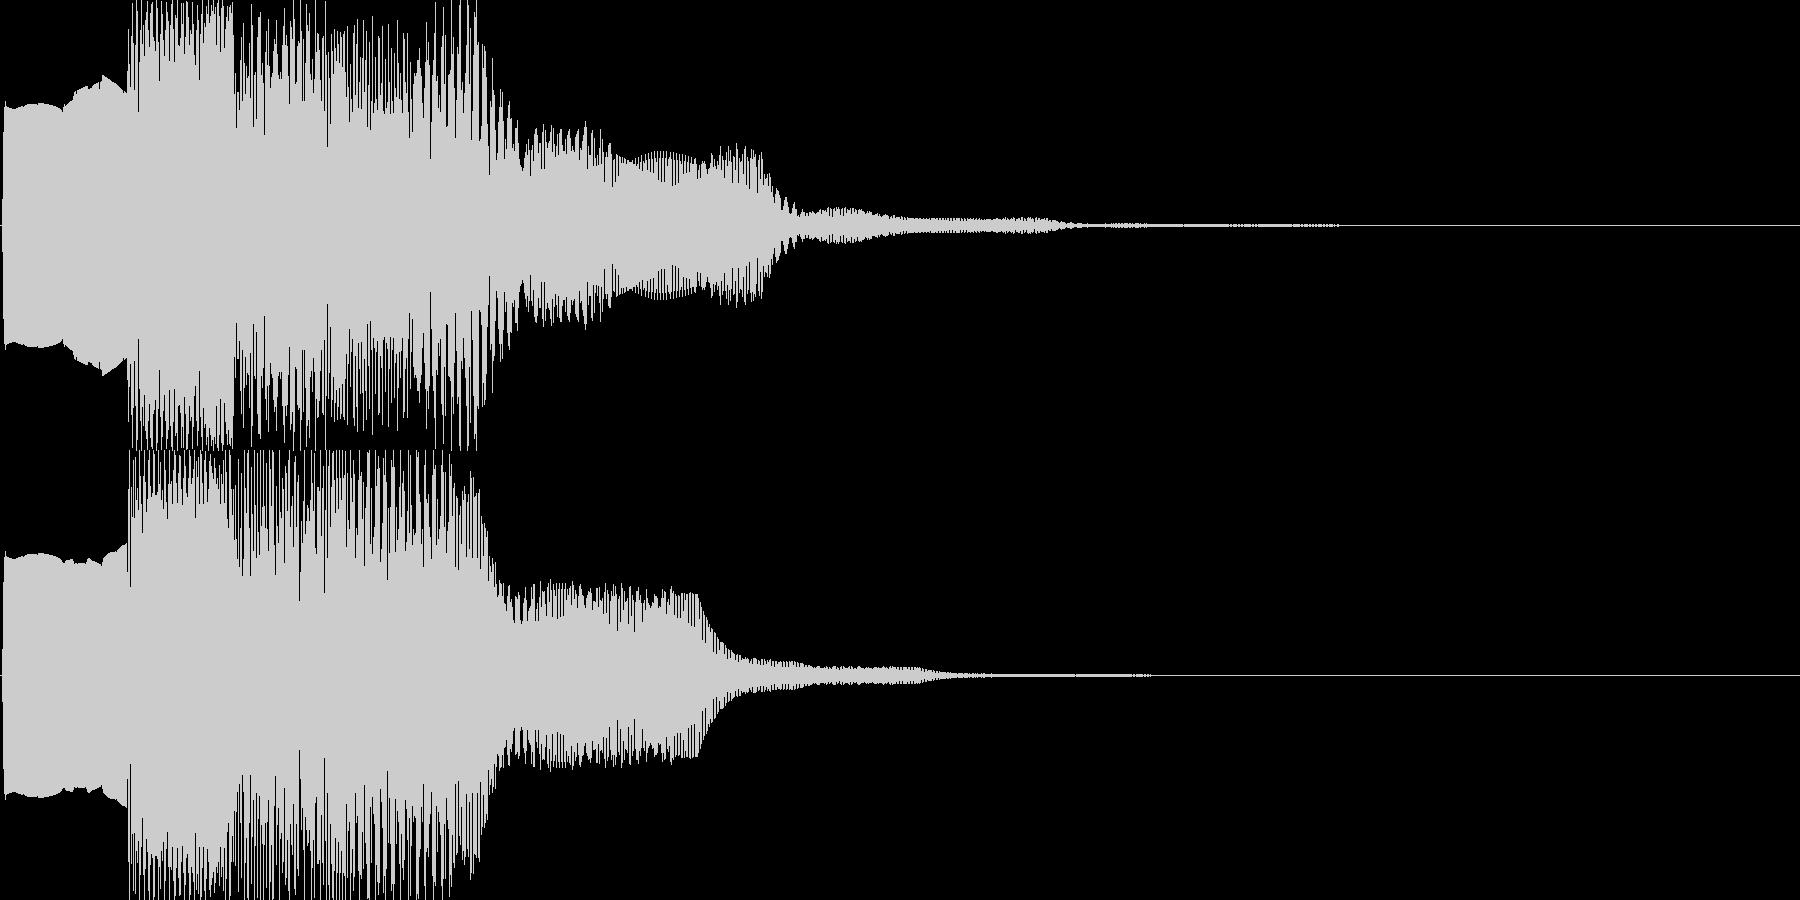 汎用キャンセルボタン - 1の未再生の波形